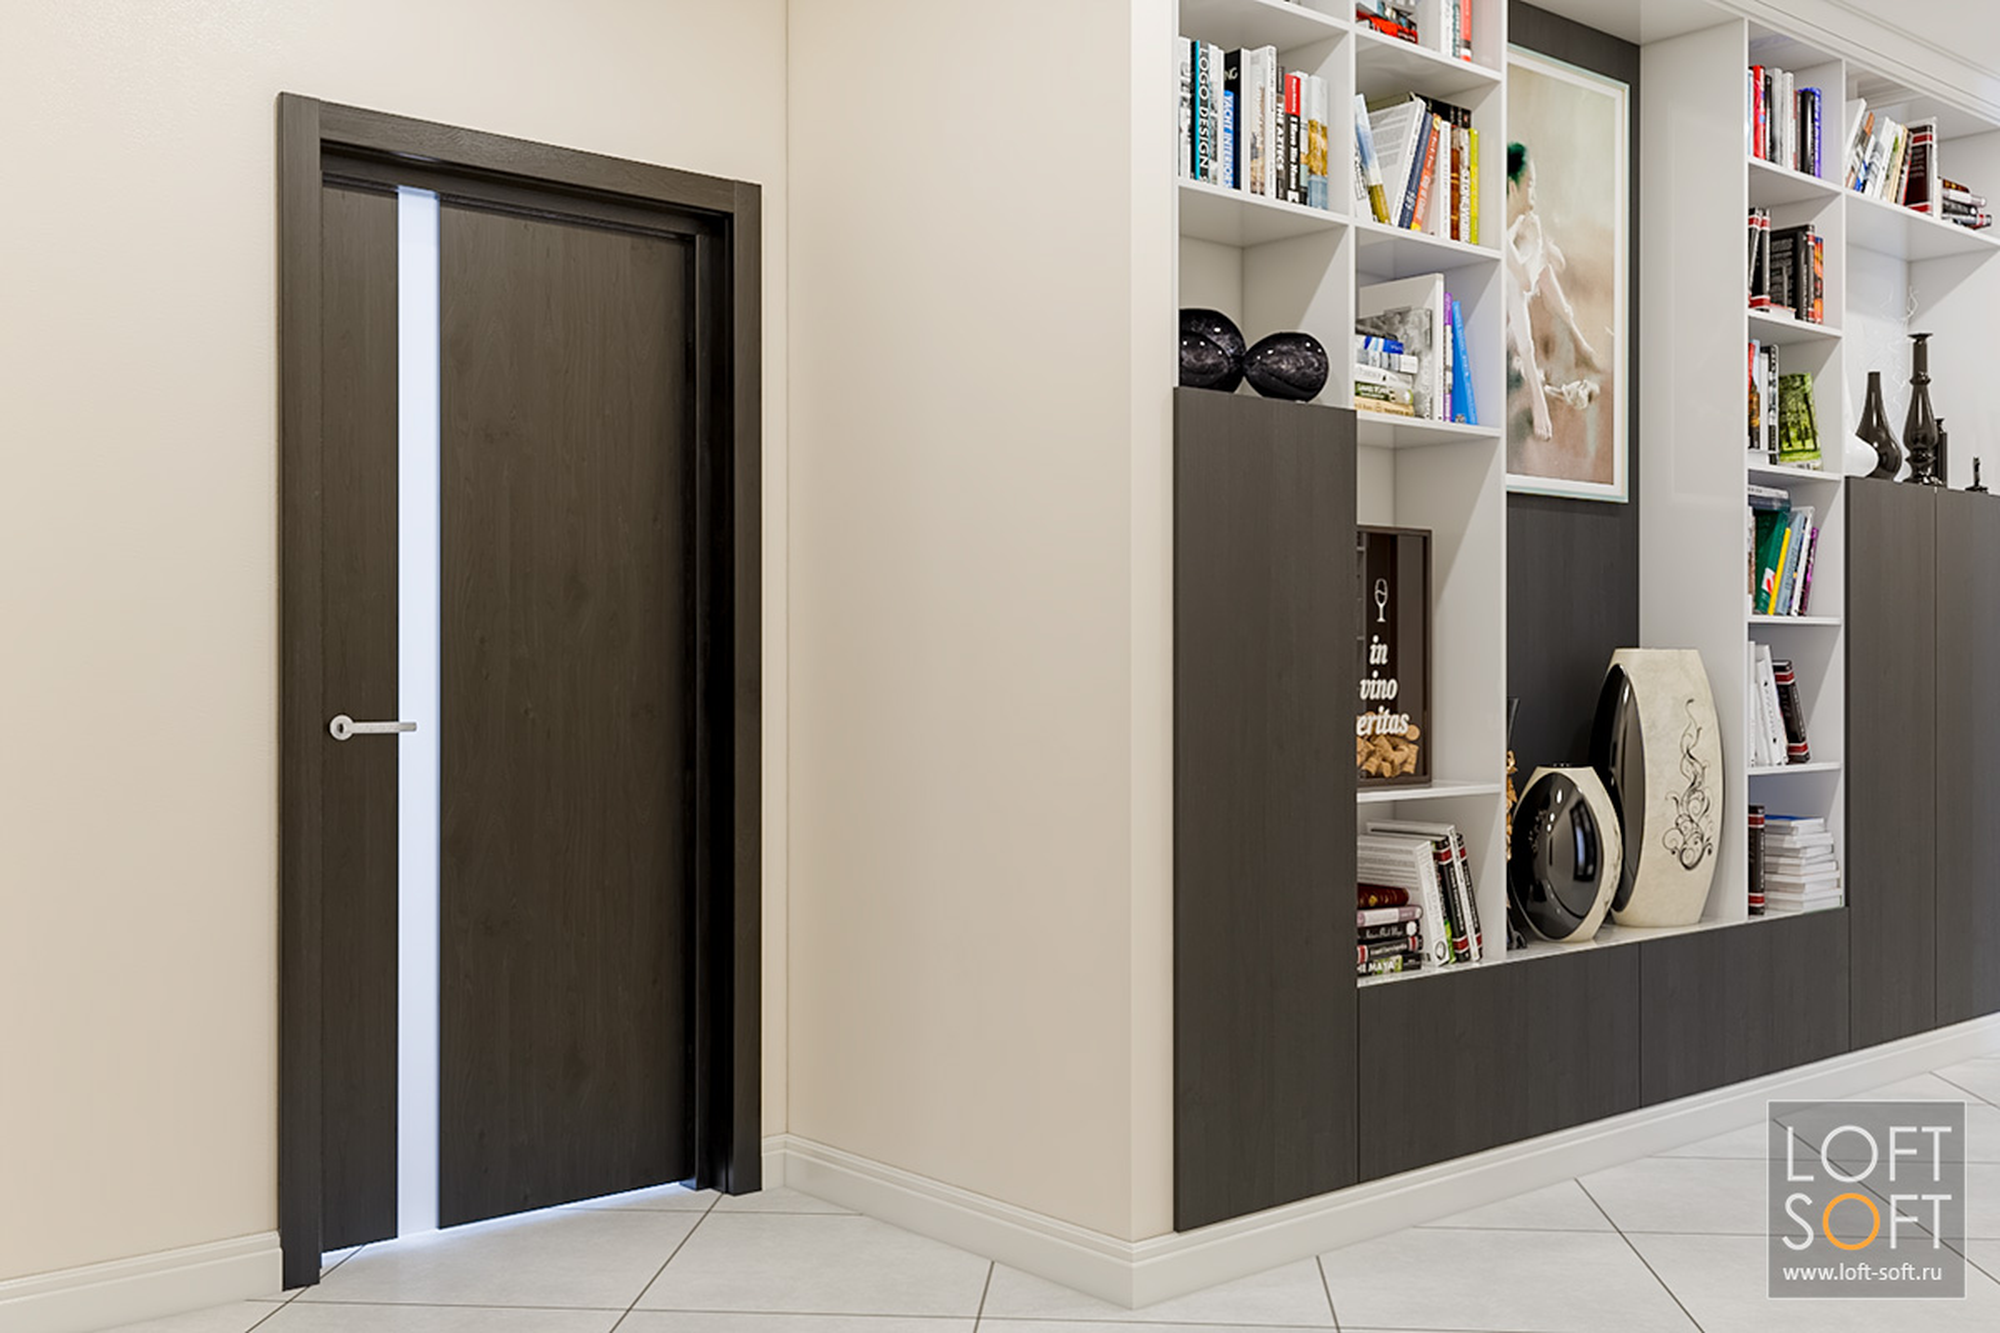 Коридор всовременном стиле, как обустроить коридор, loft soft